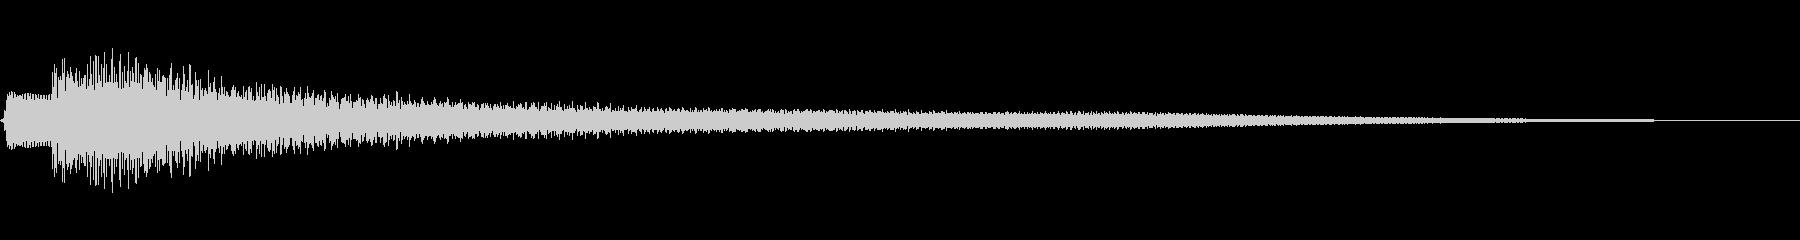 不思議な響きのコードの未再生の波形